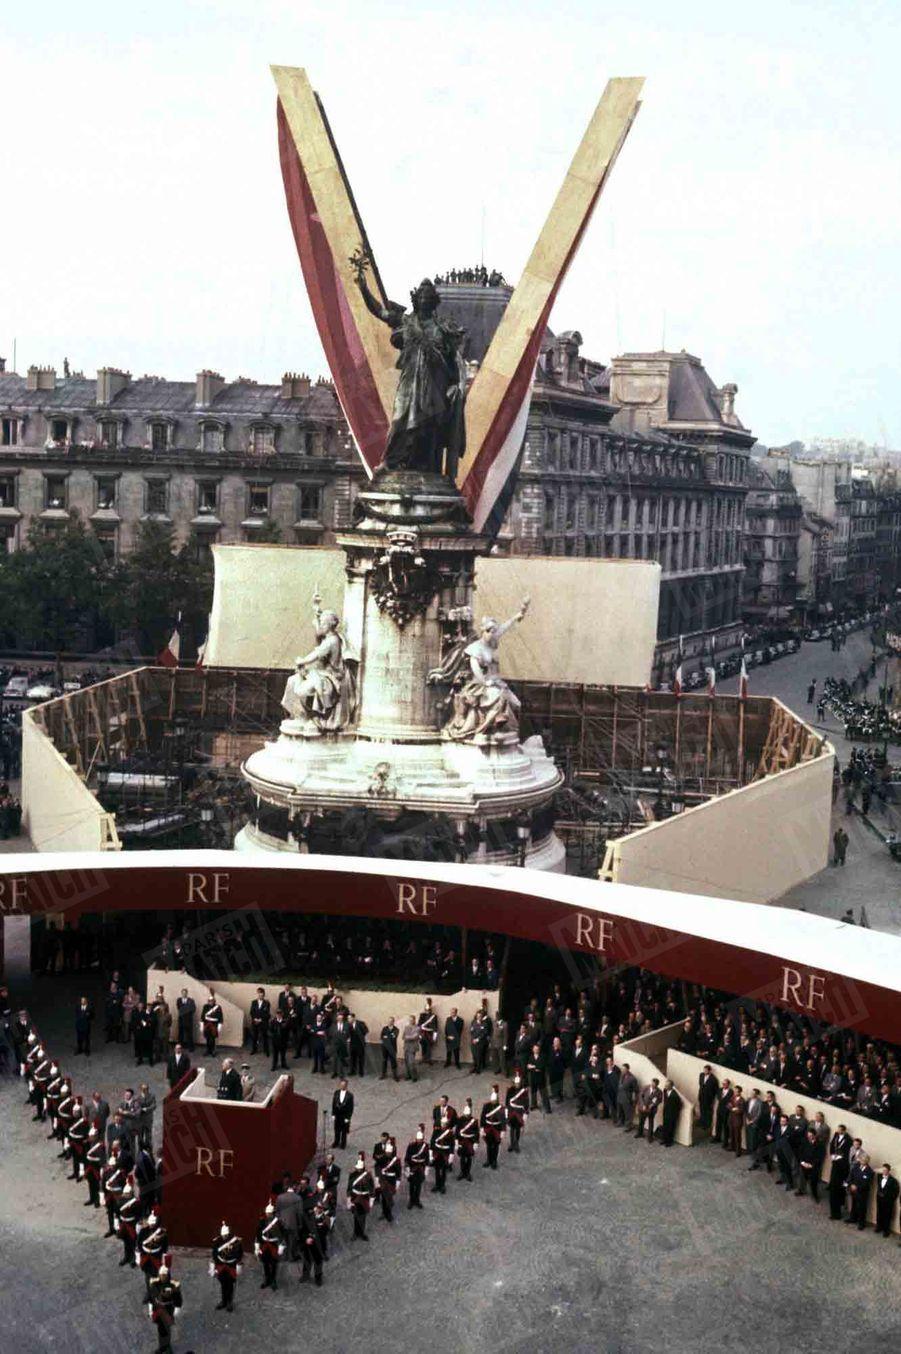 Le Général De Gaulle, alors président du Conseil des ministres, présentent la constitution de la Vème République, lors d'une manifestation place de la République, à Paris, le 4 septembre 1958.